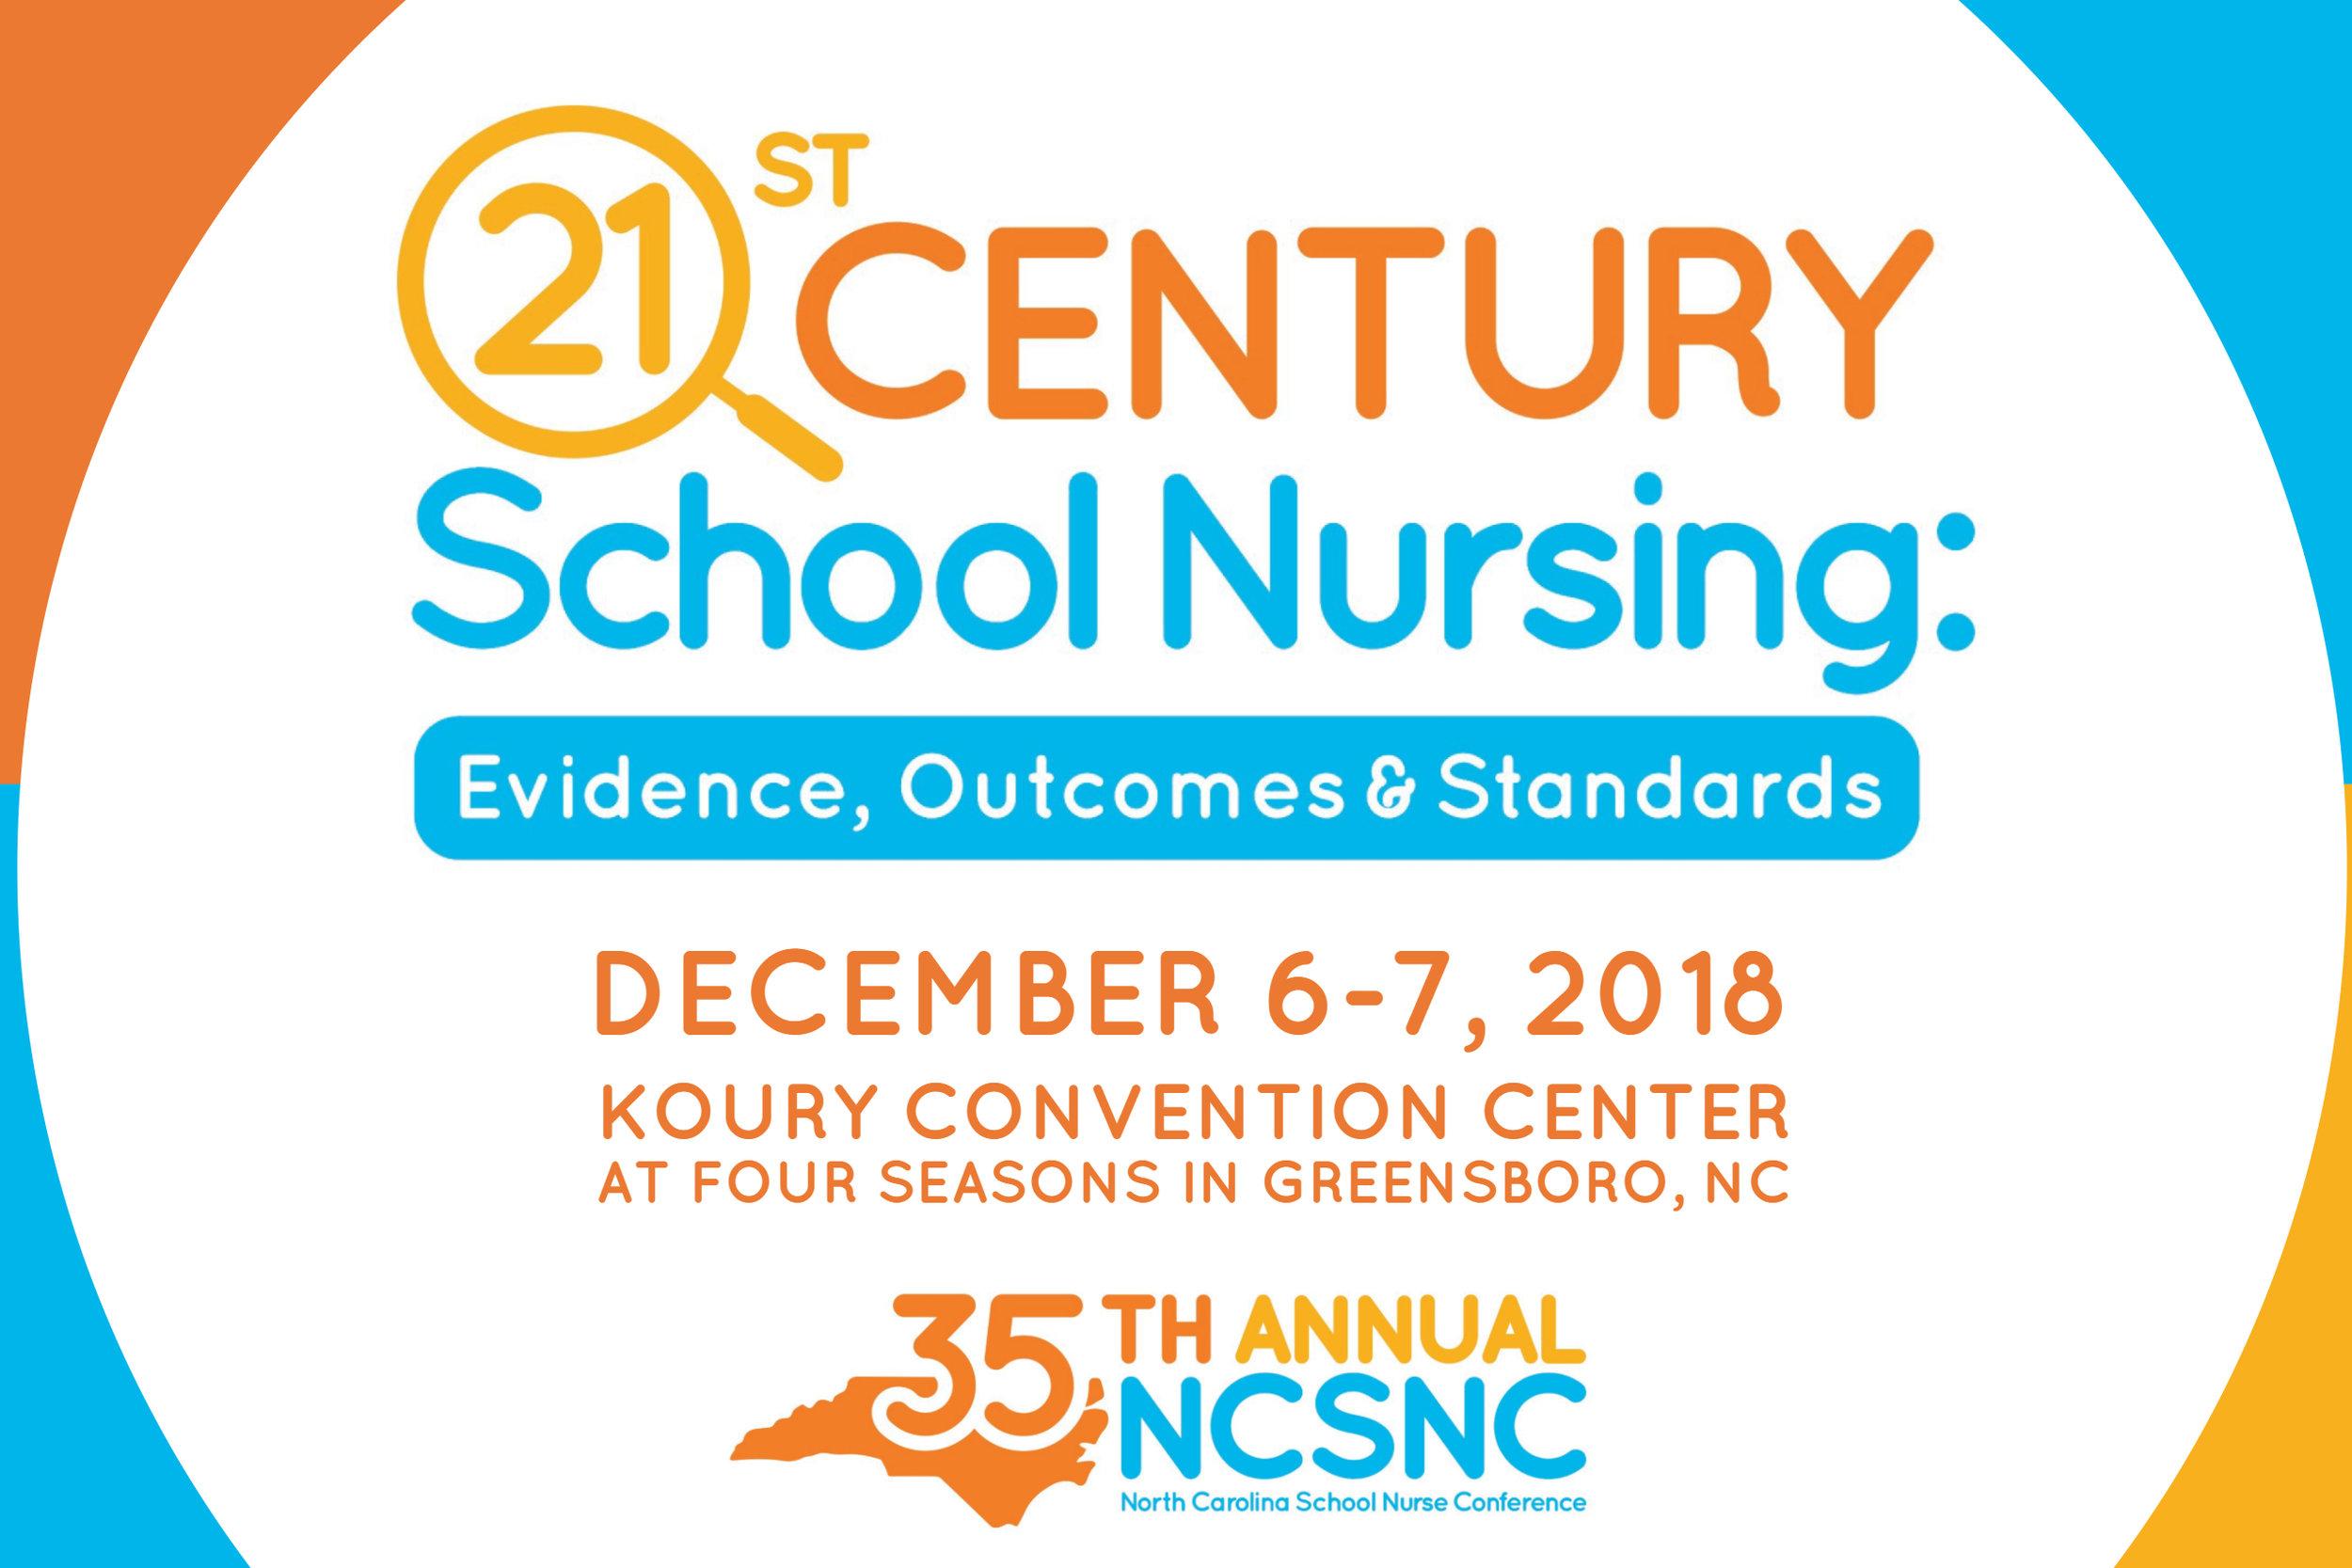 School-Nursing-Conference-Copy-1.jpg